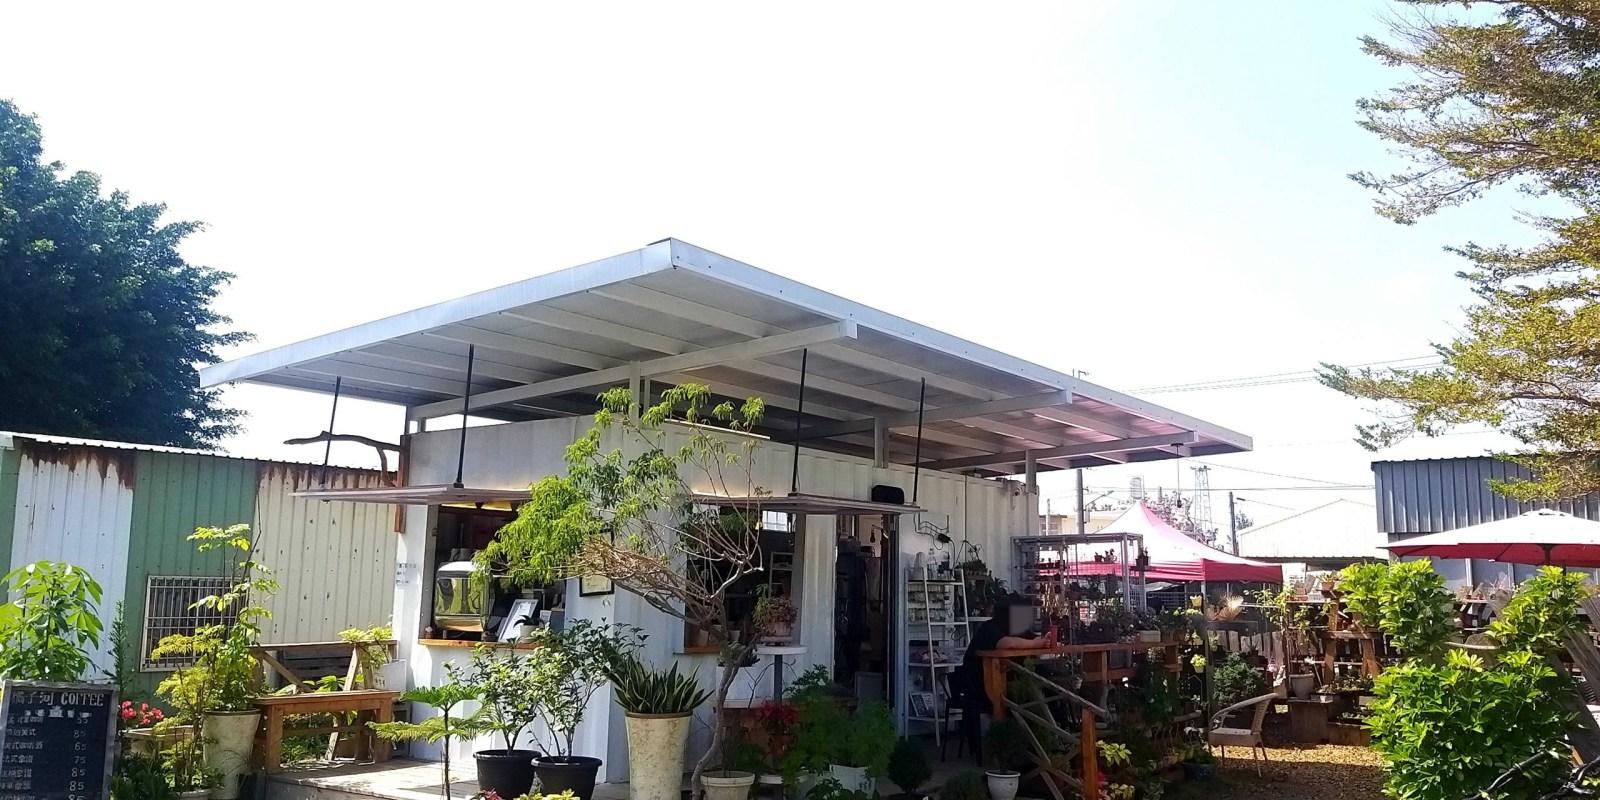 台南 安南區 橘子河咖啡 歷史博物館 休閒庭園風格